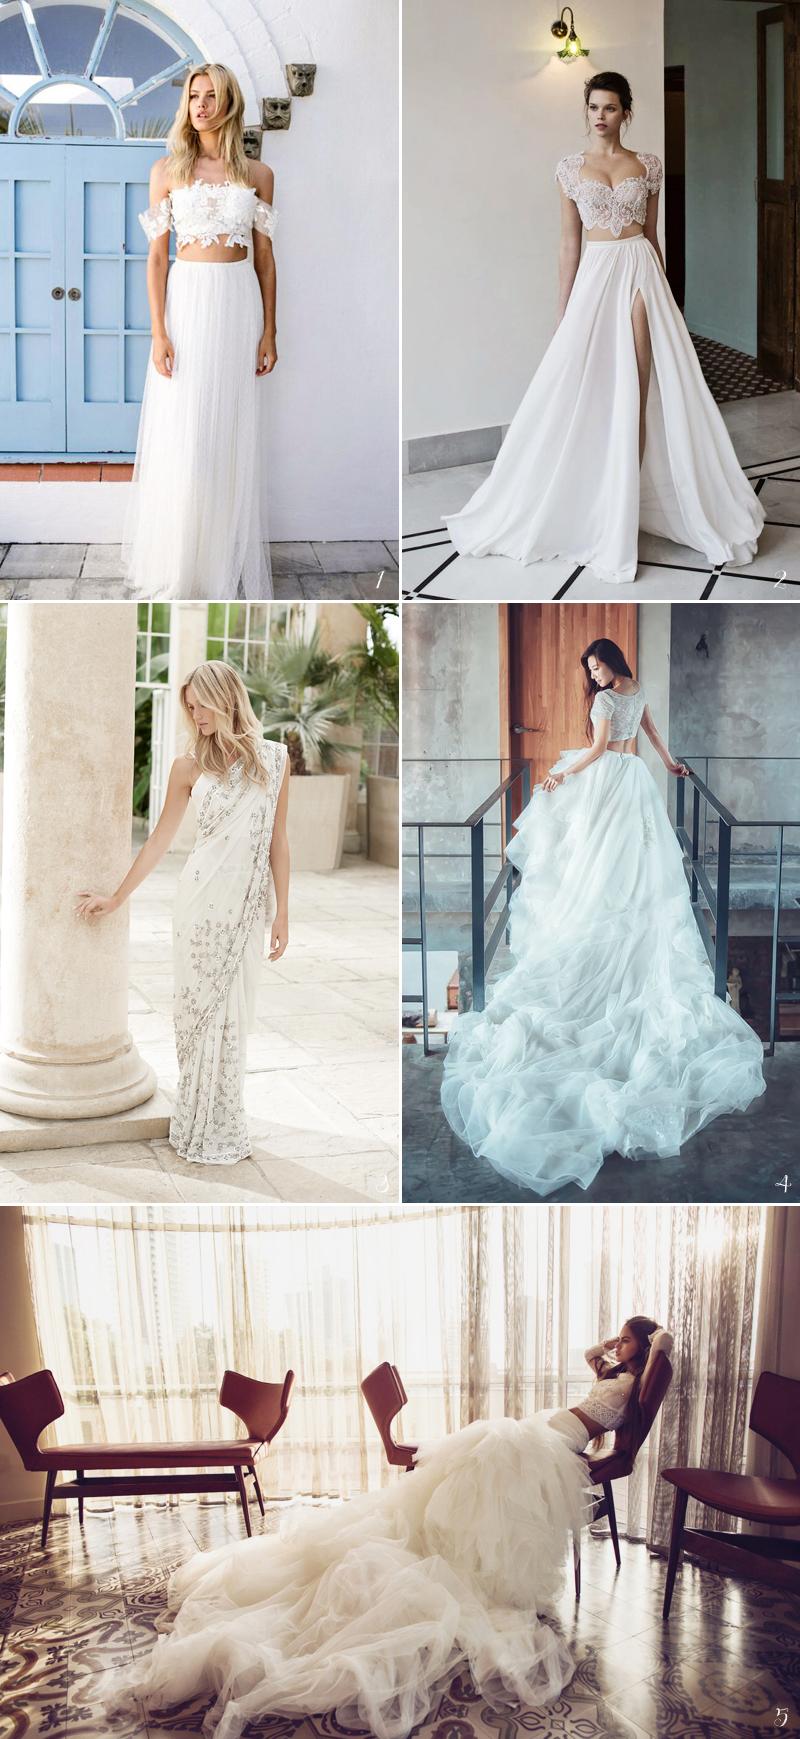 jasmine aladdin wedding dress for fairy tale concept